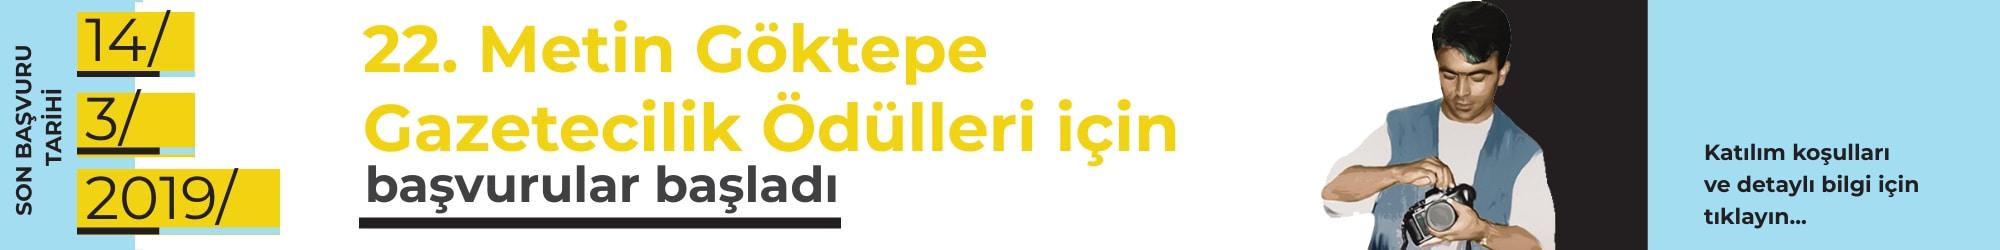 22. Metin Göktepe Gazetecilik Ödülleri için başvurular başladı